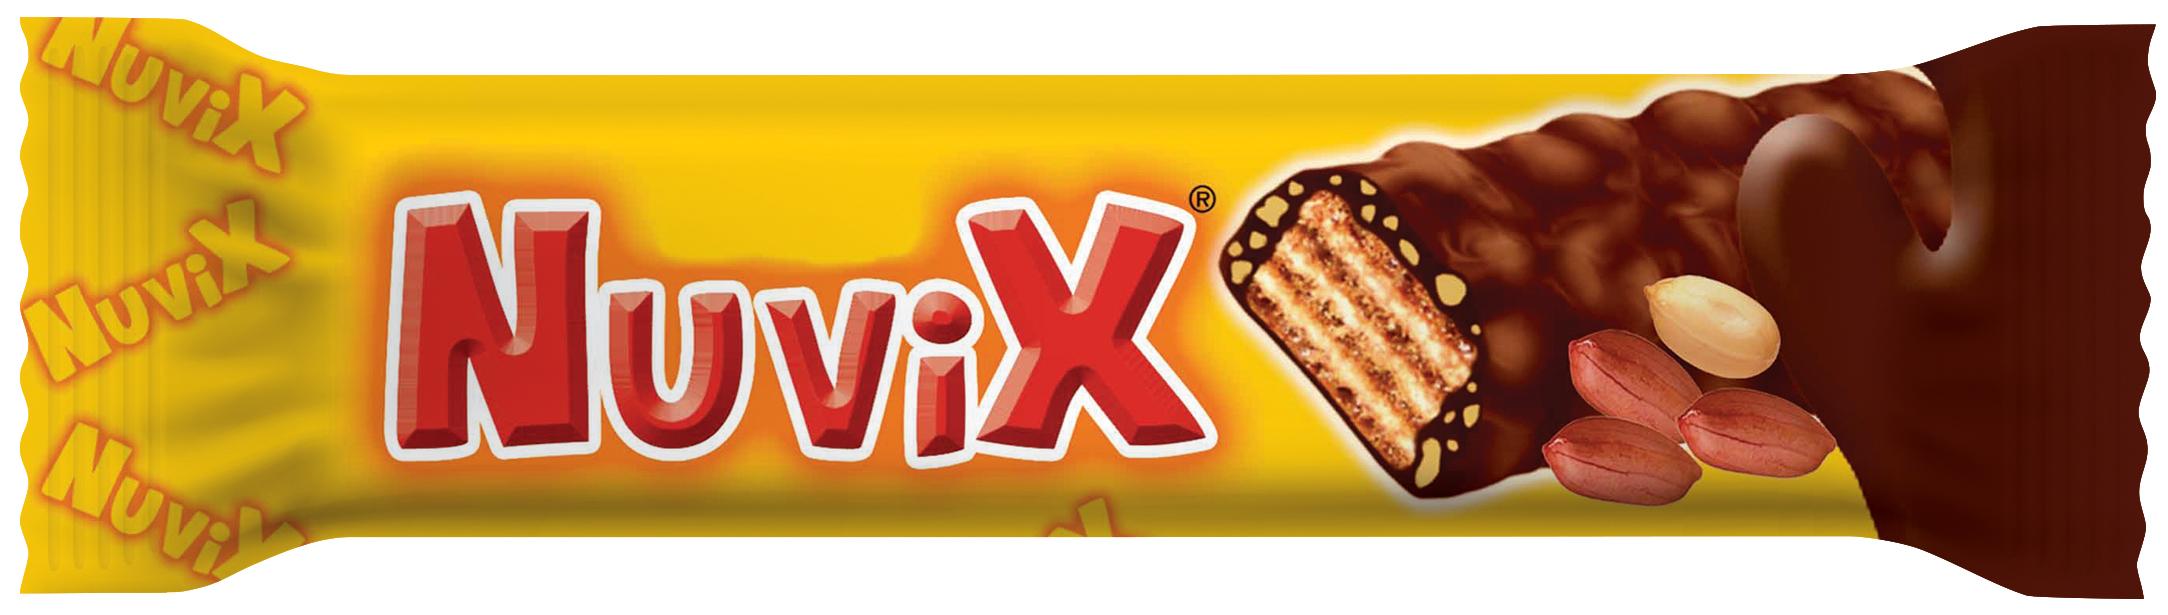 Nuvix